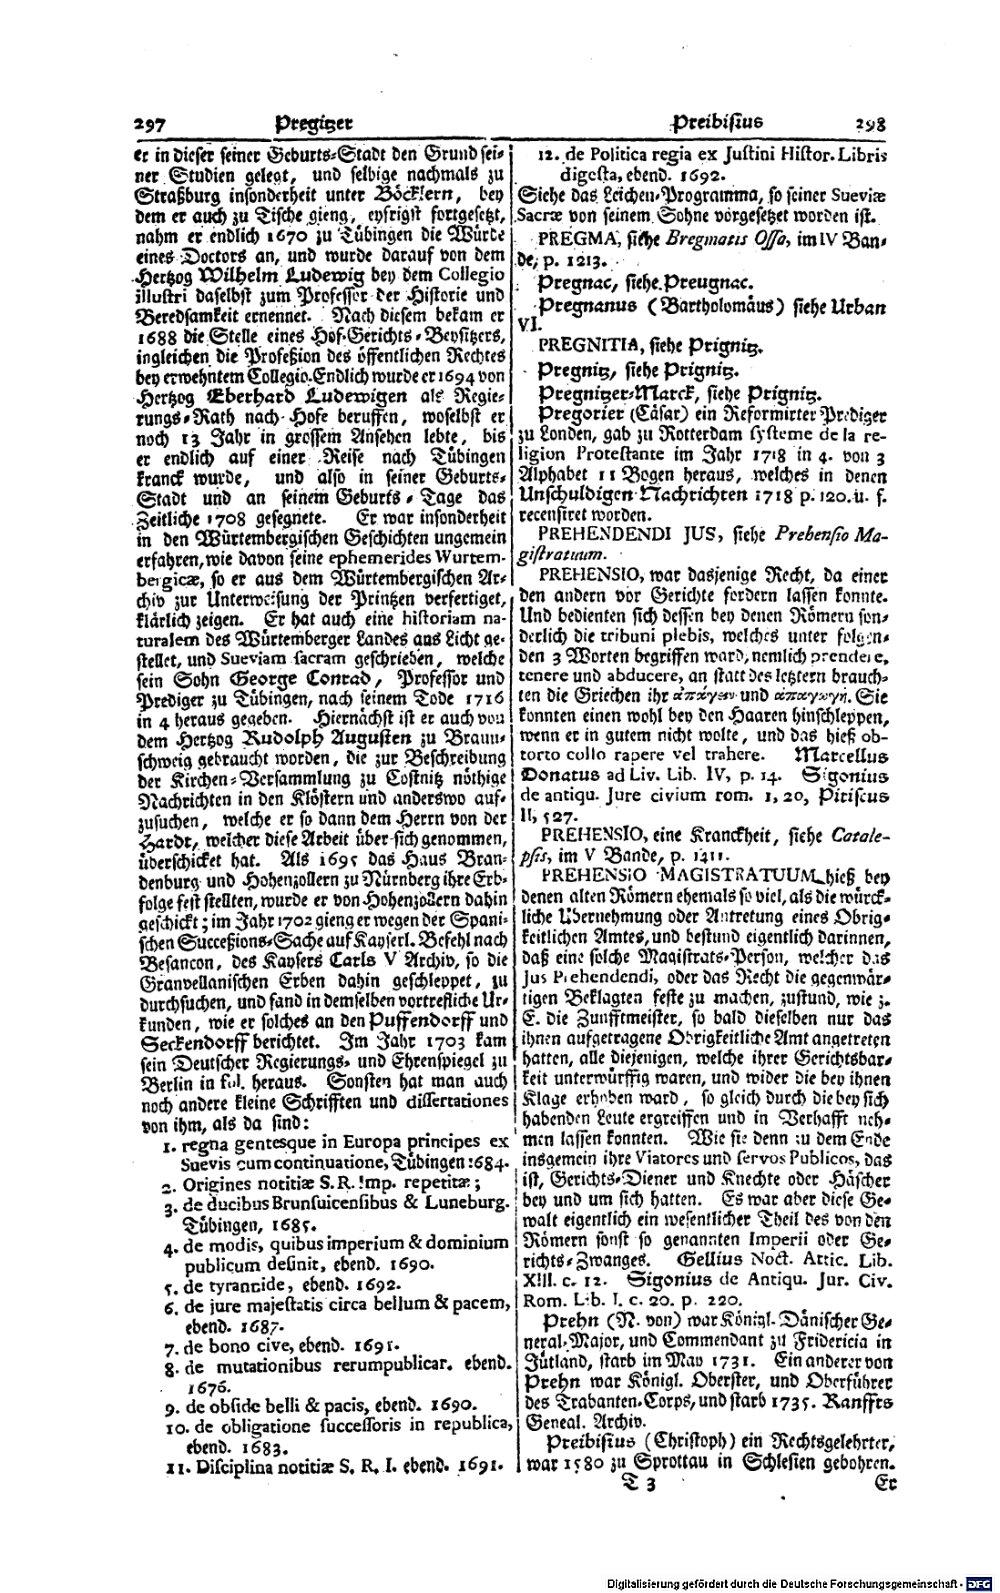 Bd. 29, Seite 0162.